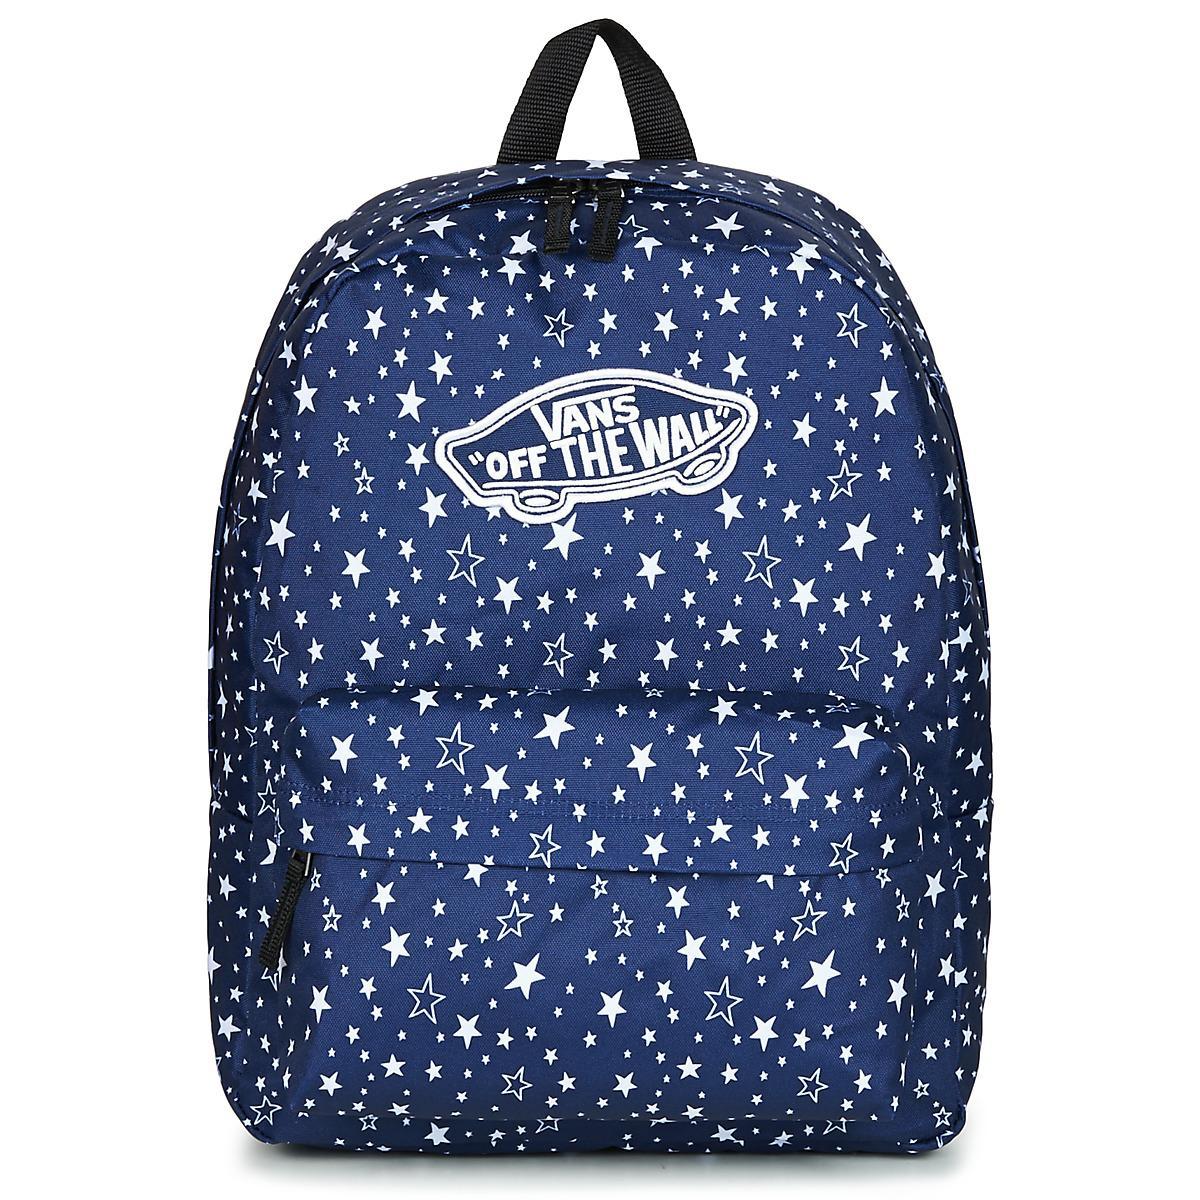 52a95cd163 Vans Realm Backpack Backpack in Blue for Men - Lyst